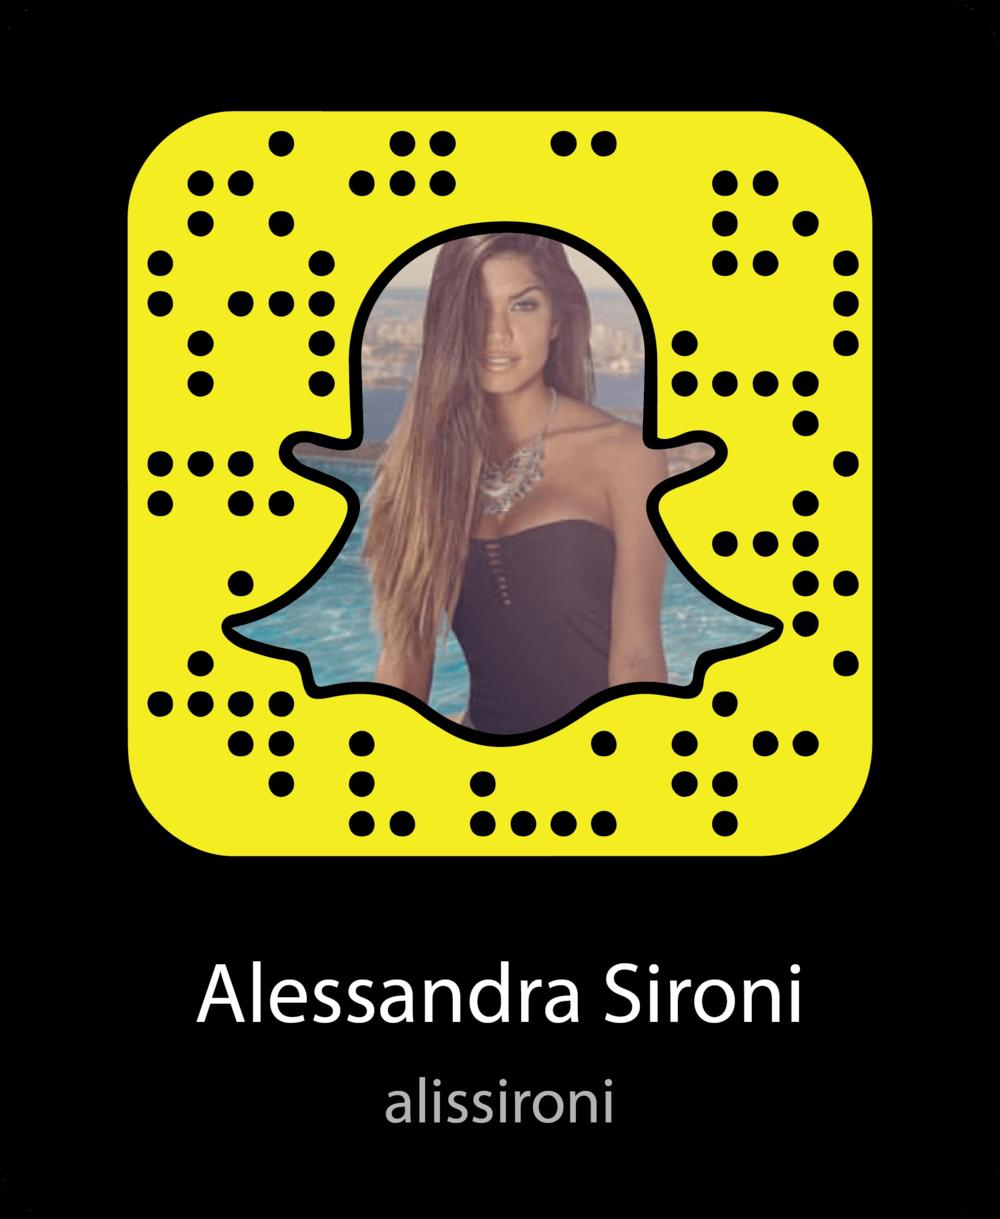 alessandra-sironi-sexy-snapchat-snapcode.png